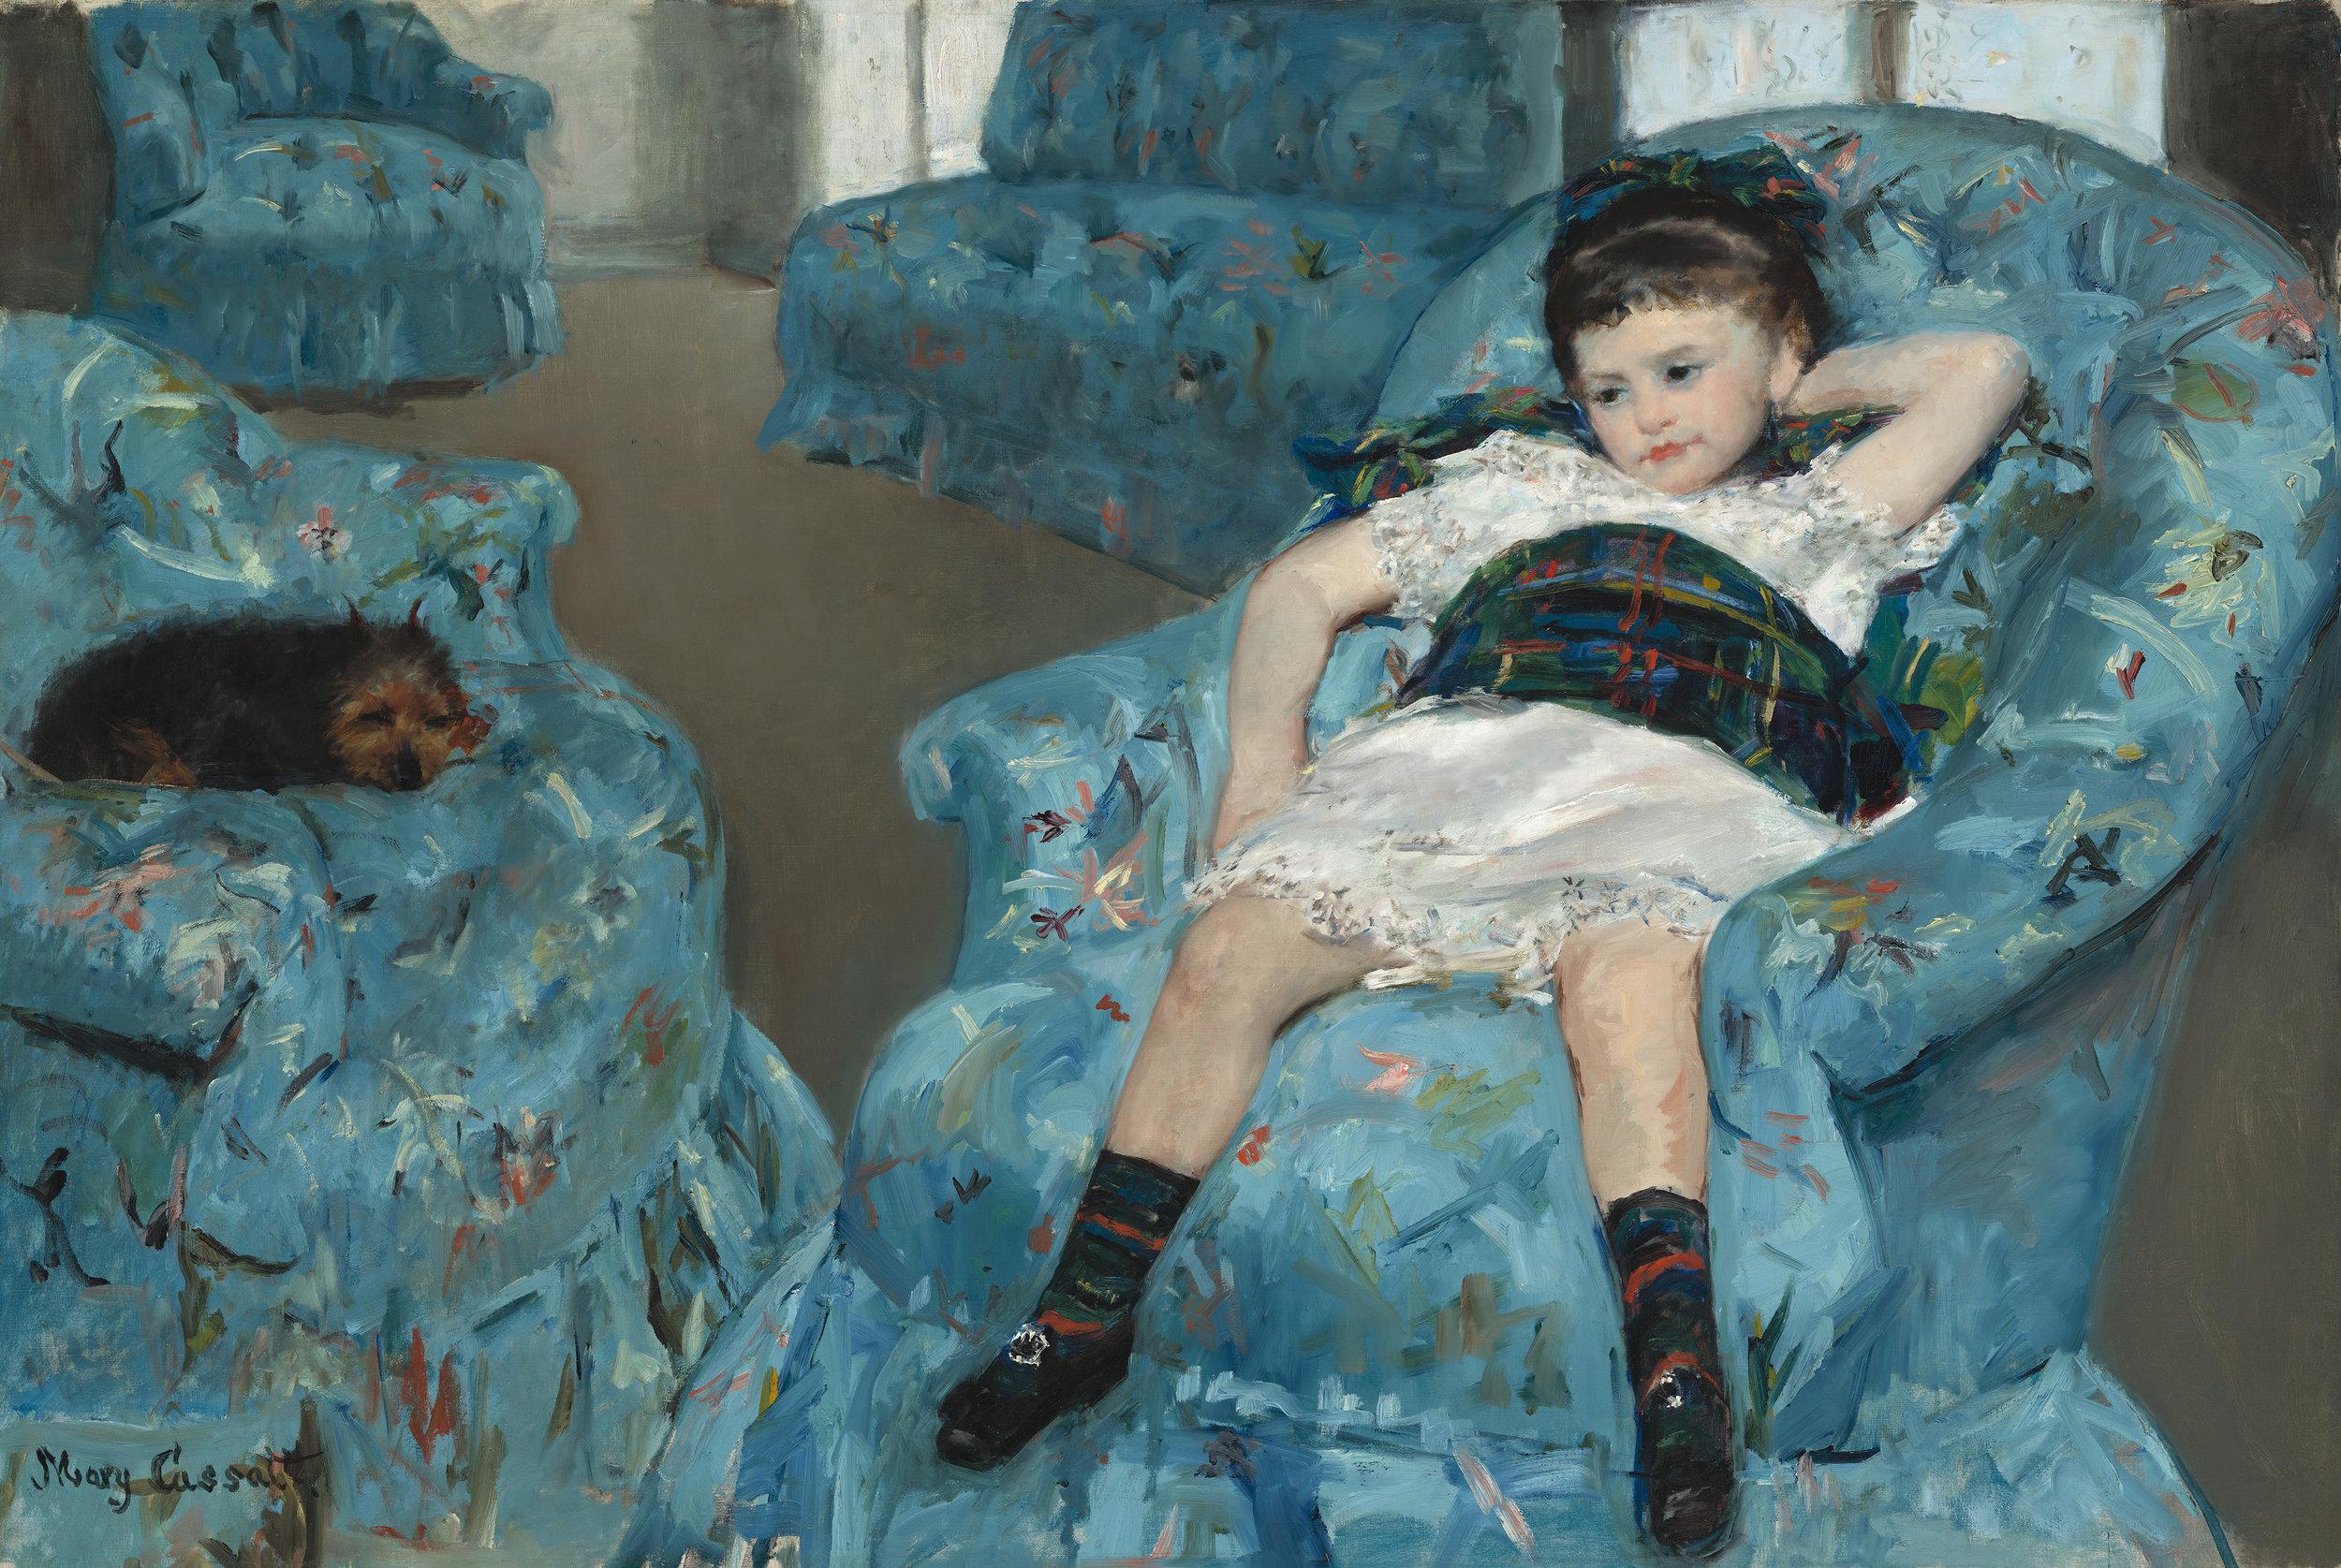 Mary_Cassatt_-_Little_Girl_in_a_Blue_Armchair_-_NGA_1983.1.18.jpg